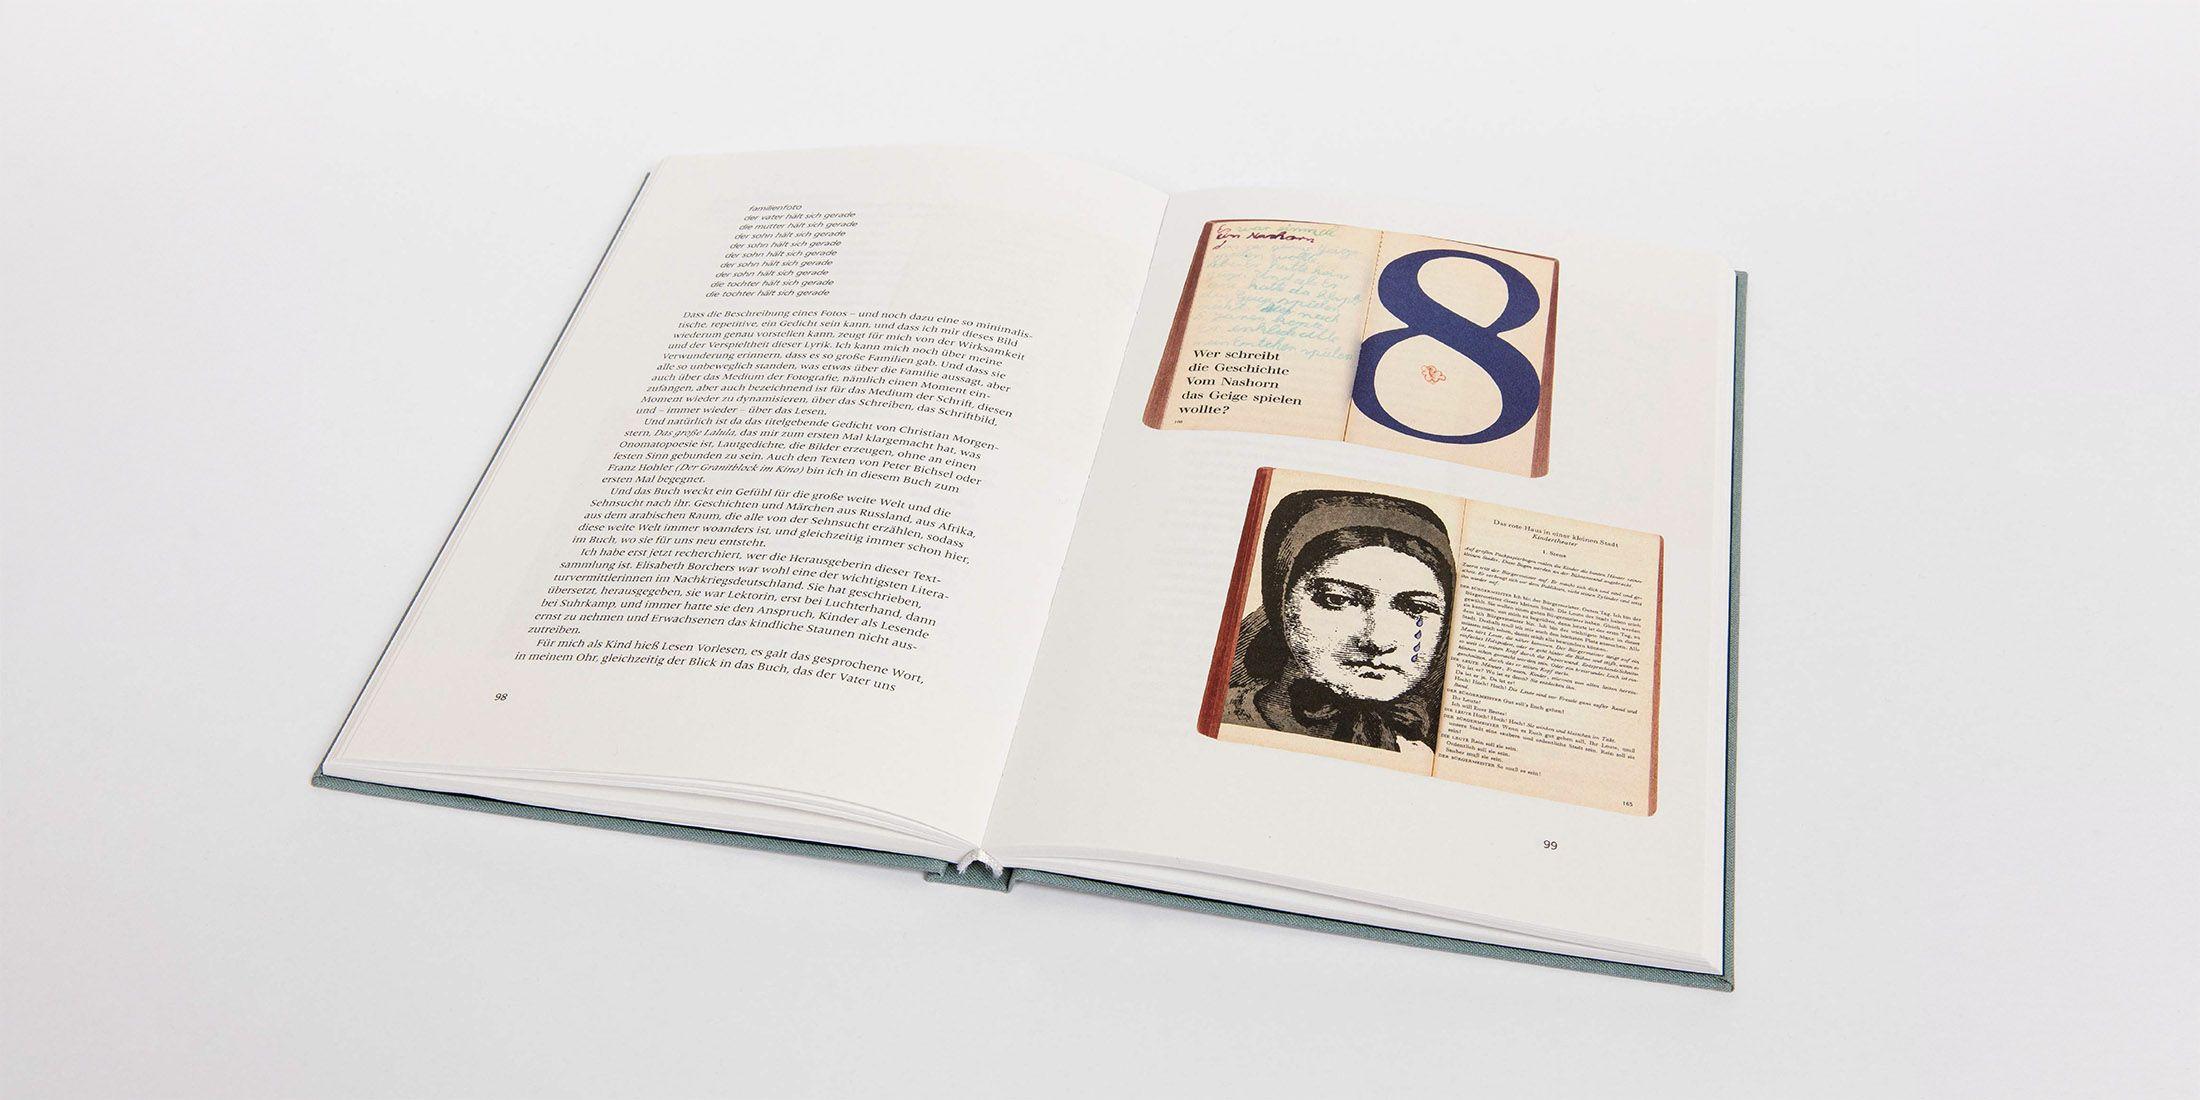 Buchvernissage: Bibliophilie – 33 Essays über die Faszination Buch